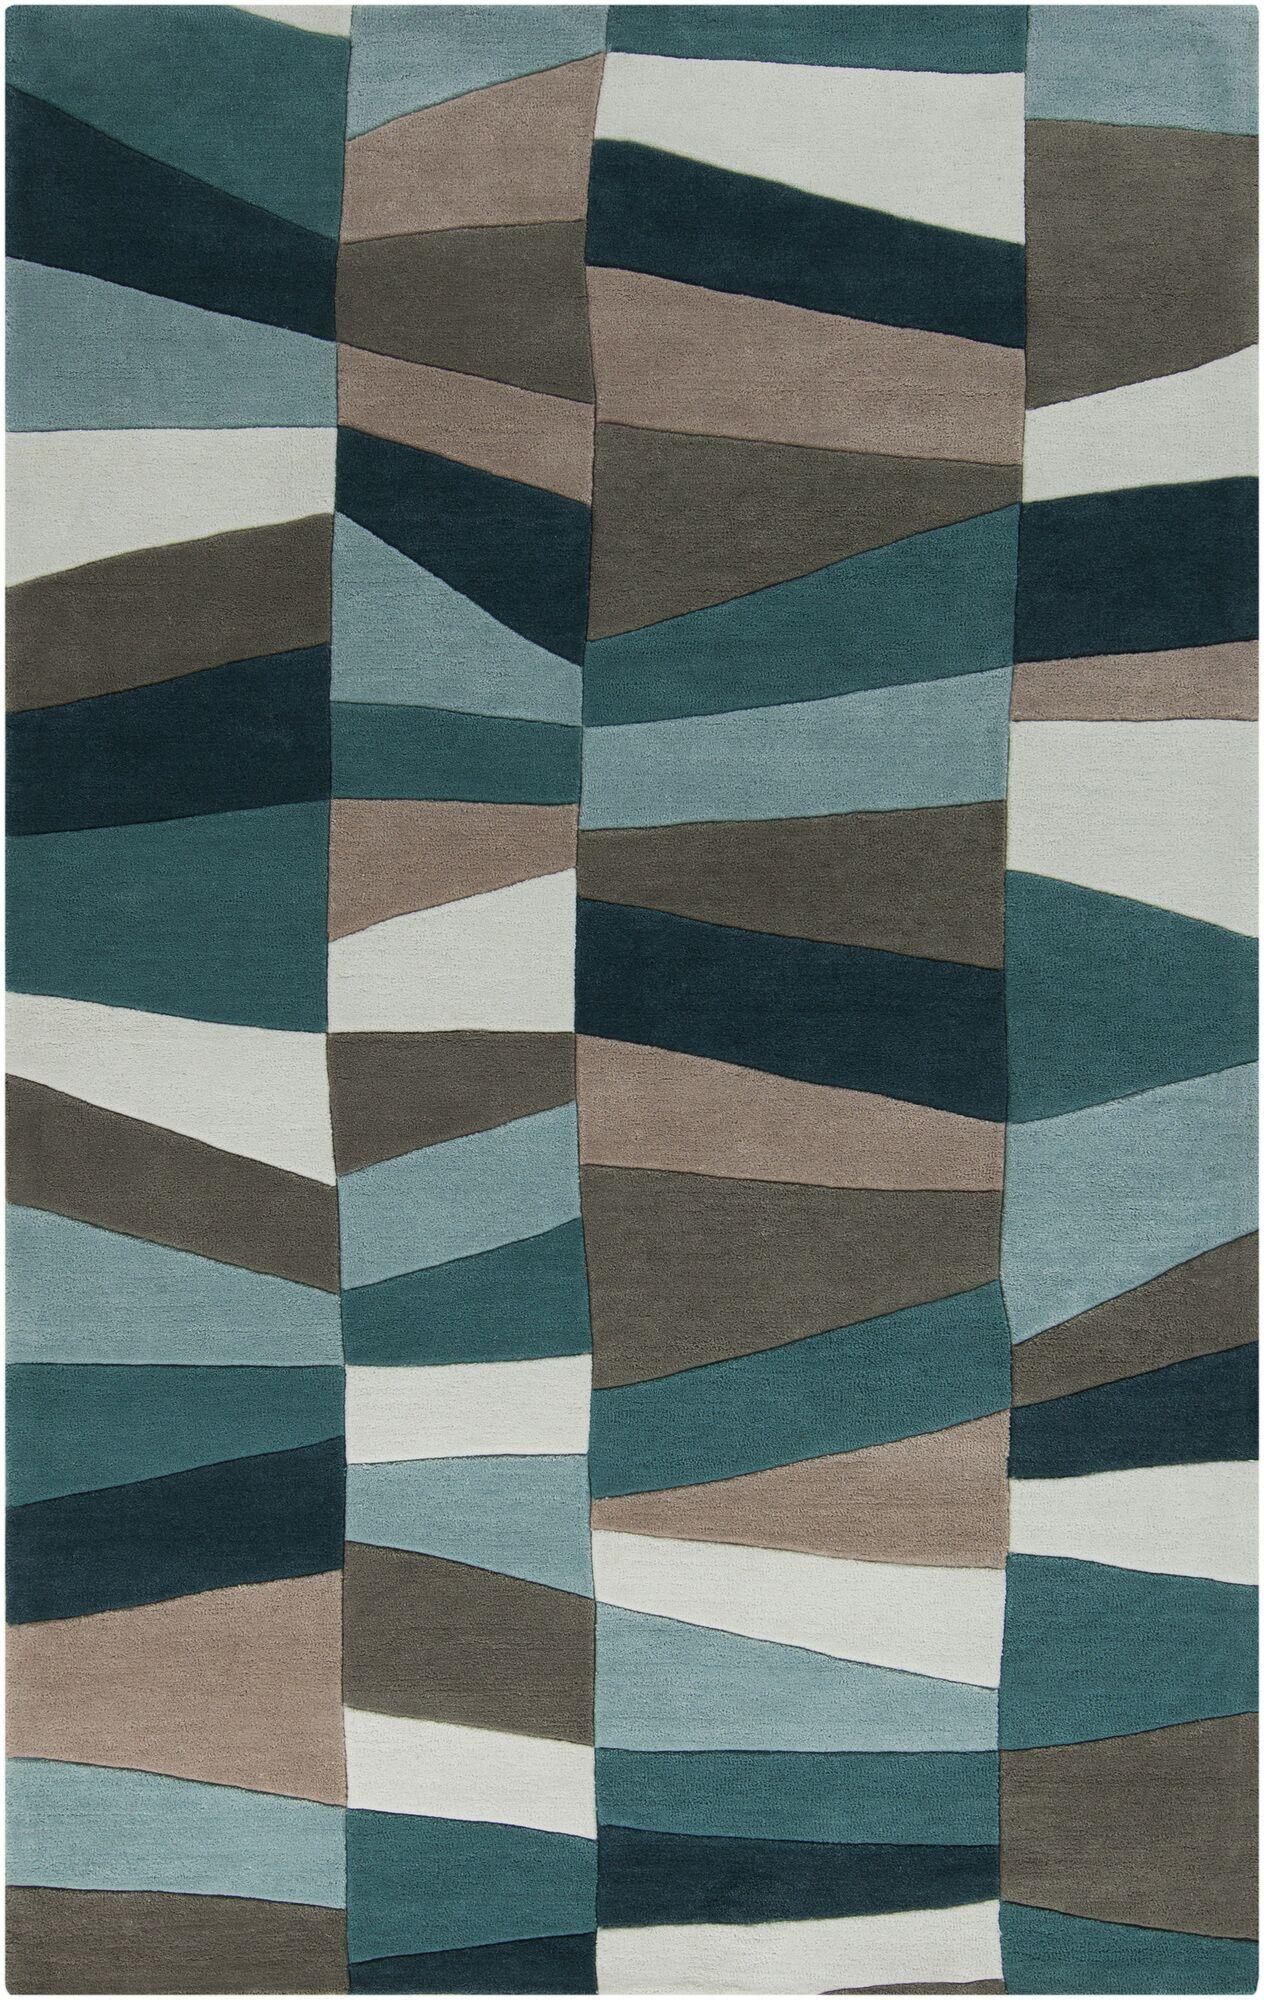 Carlotta Dried Hand-Tufted Dried Oregano/Sea blue Area Rug Rug Size: Rectangle 3'6